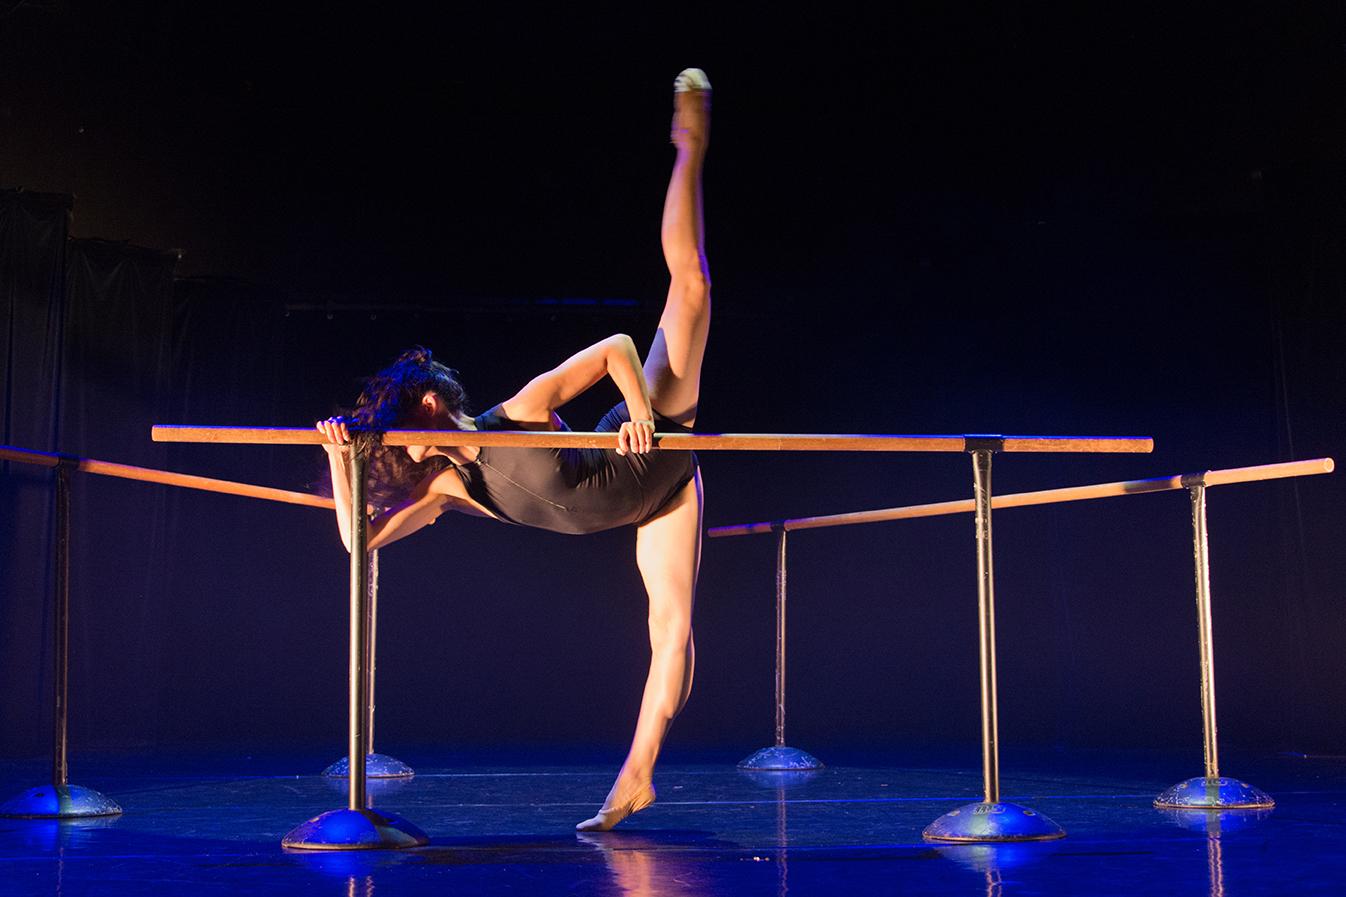 spectacle de danse 6a